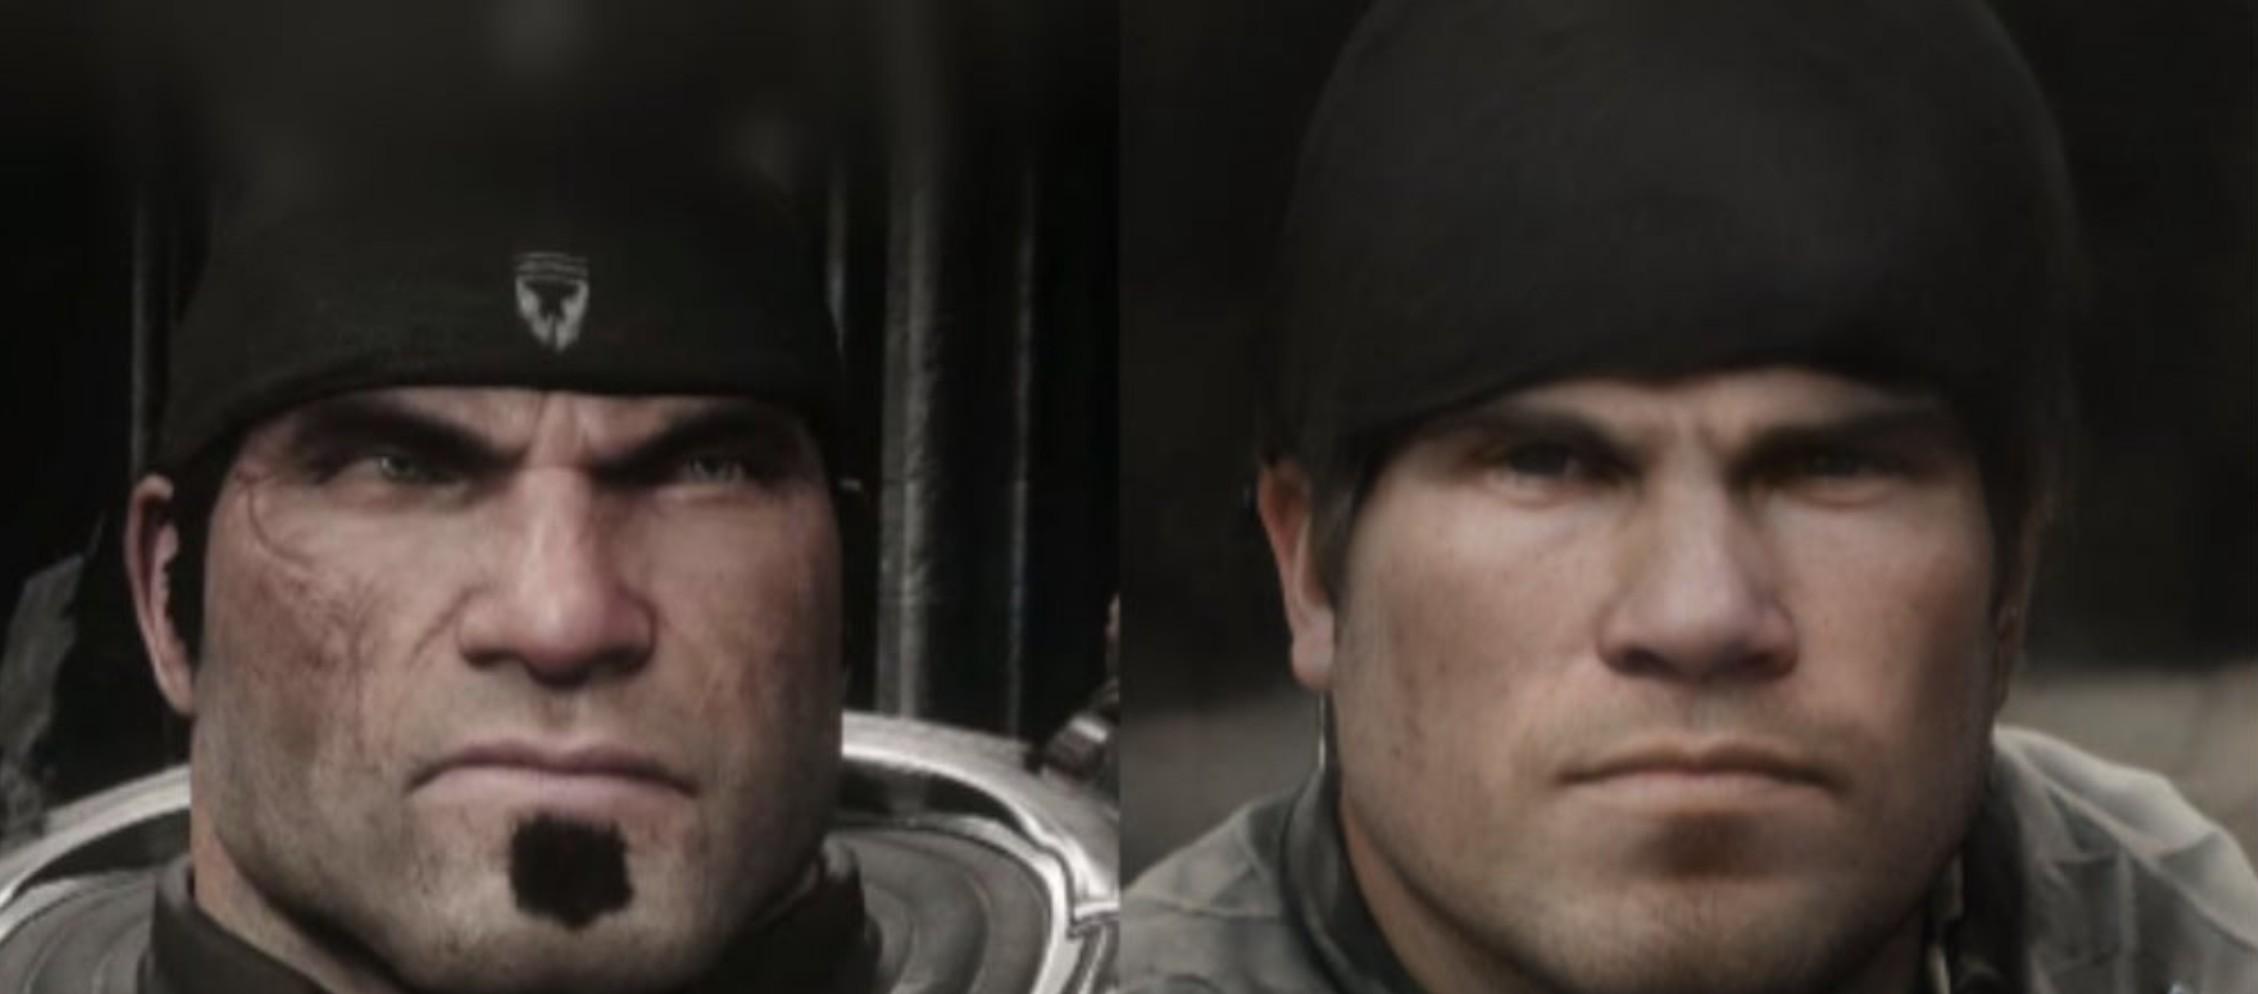 Marcus, Gears of War